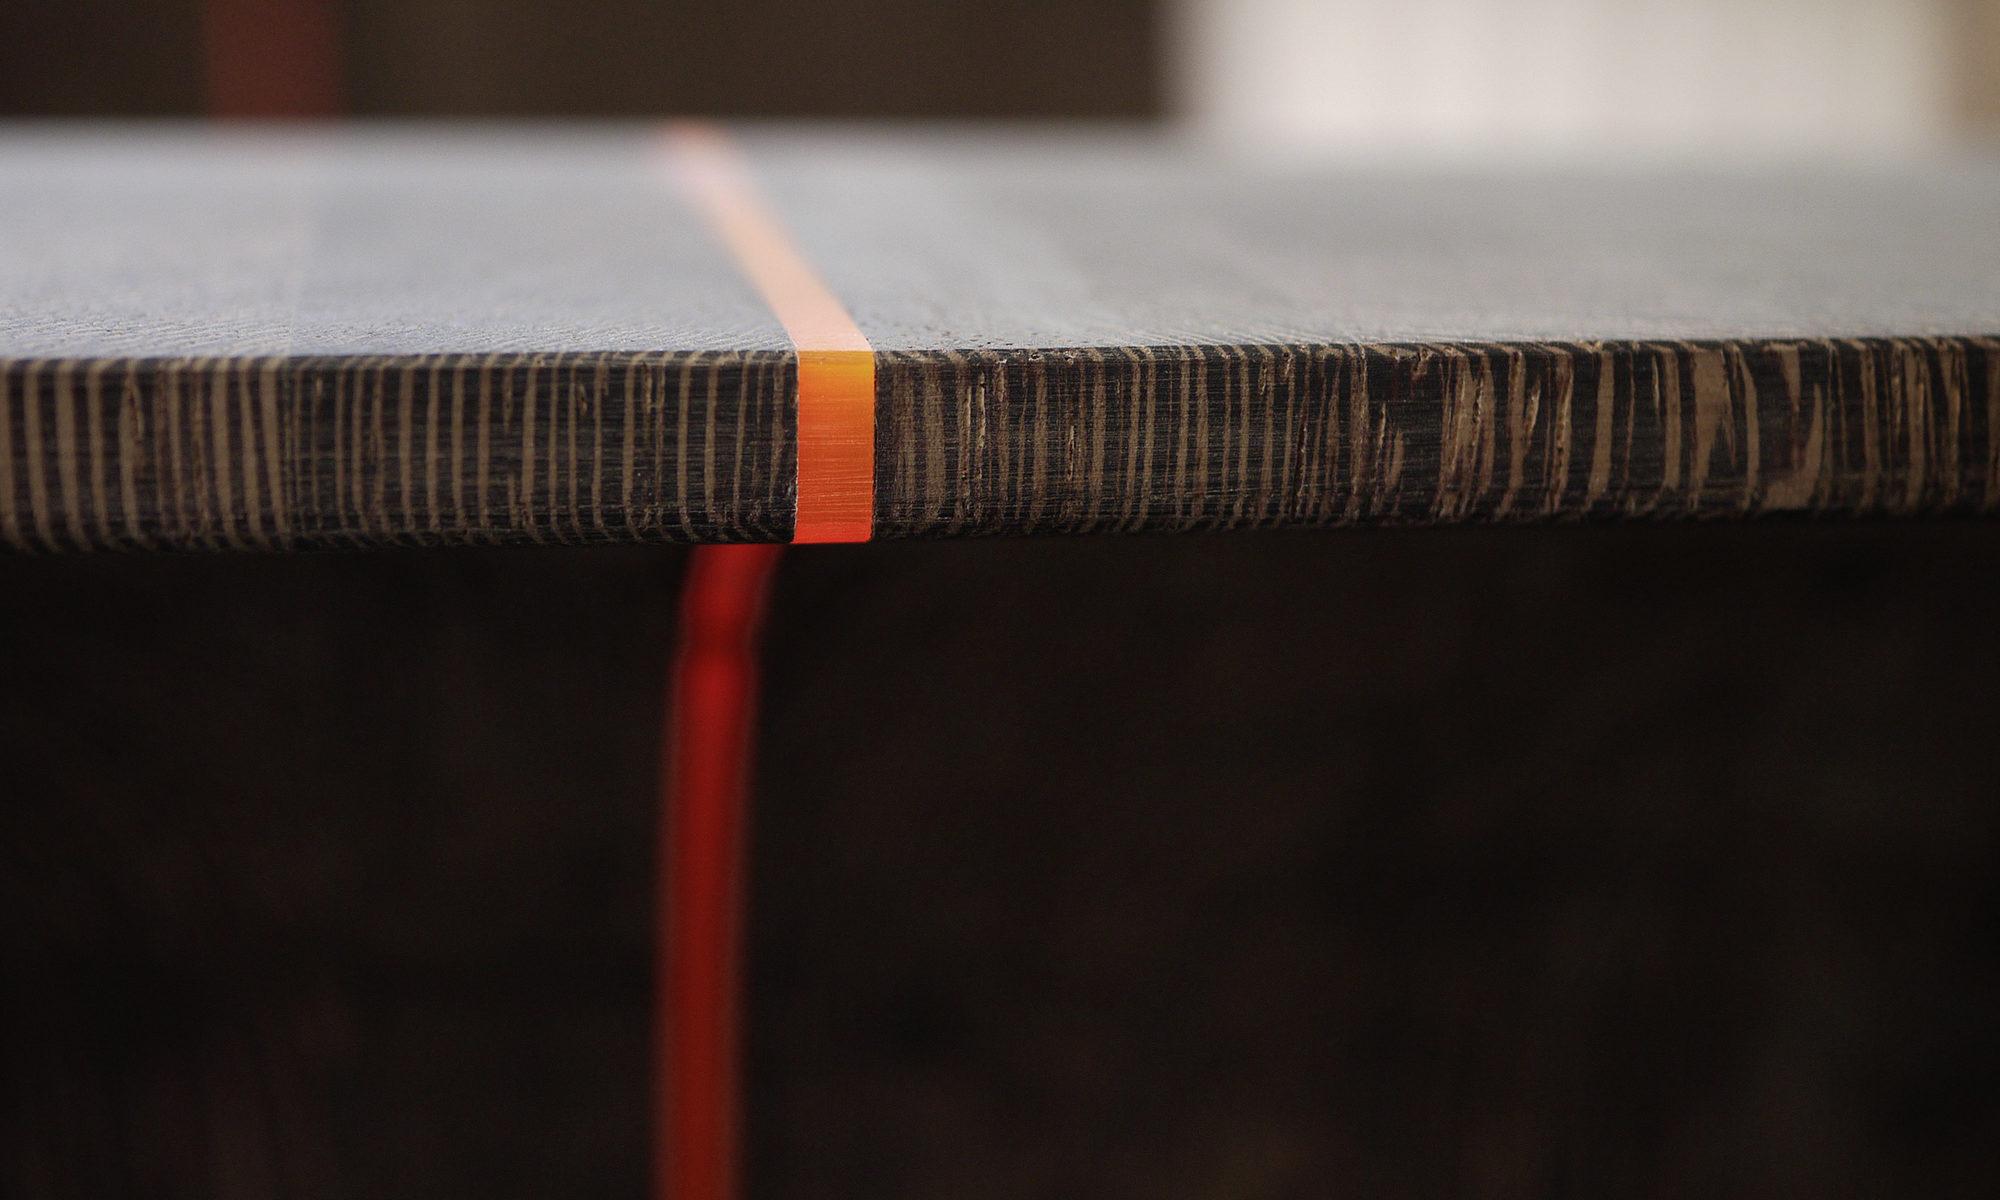 fauteuil design altesachair s rie limit e. Black Bedroom Furniture Sets. Home Design Ideas